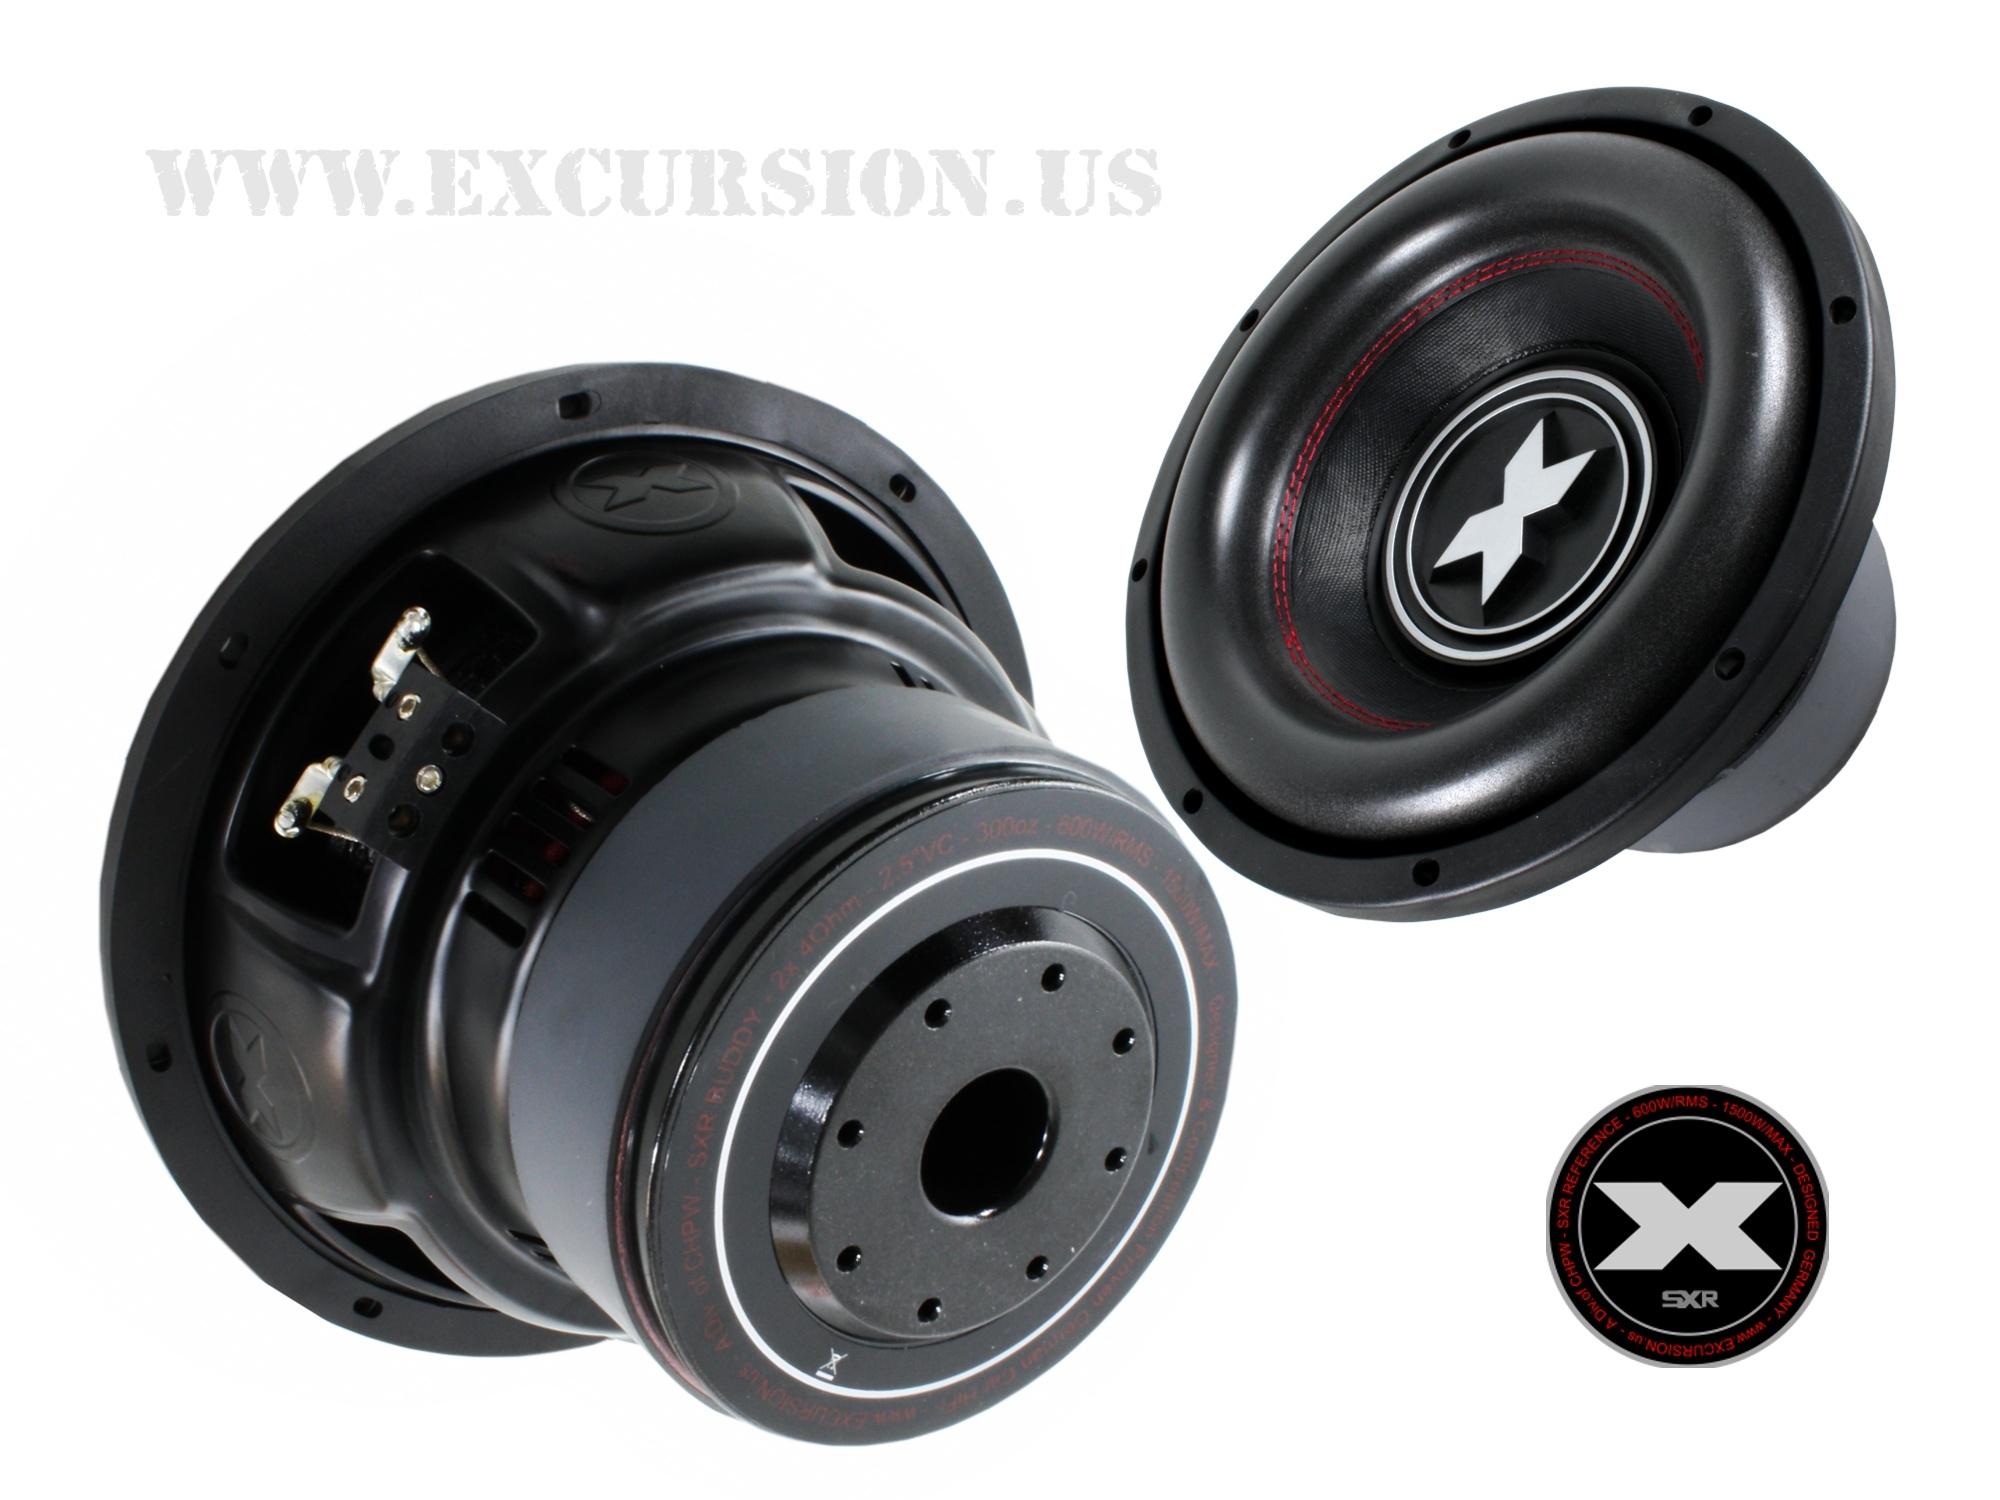 SXR serie 600 watt